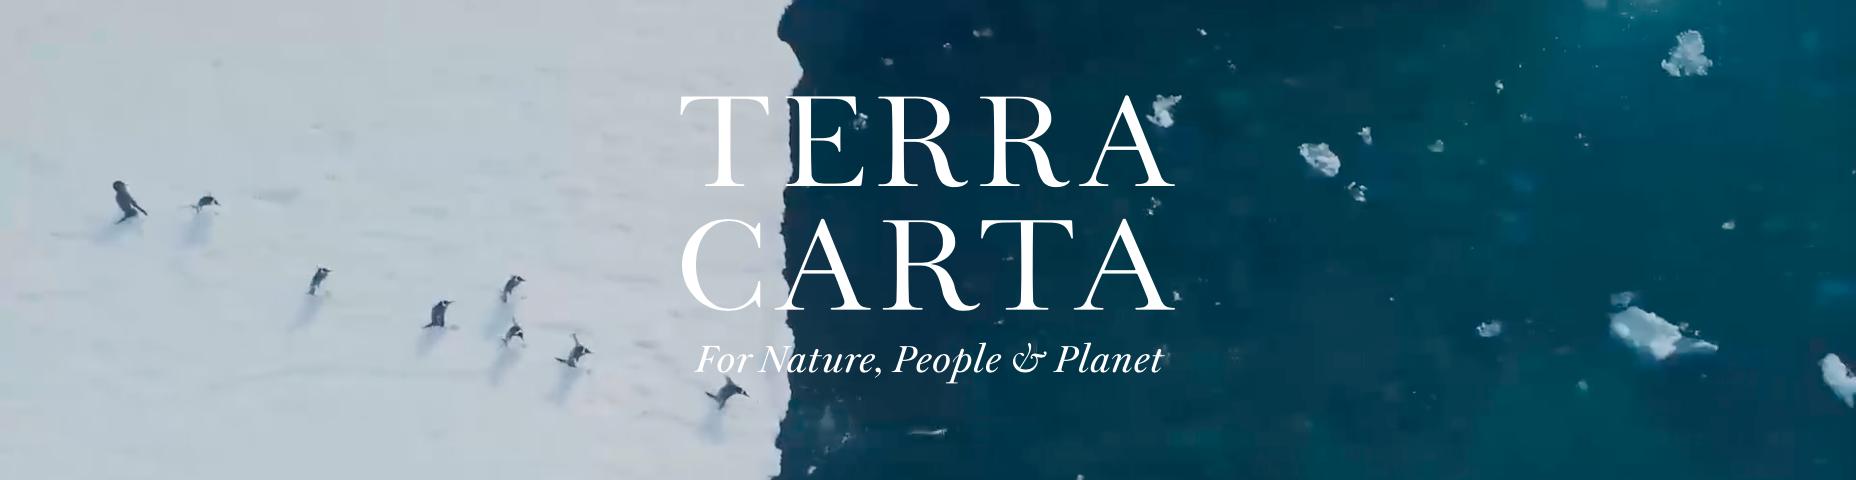 El Príncipe de Gales presentó 'Terra Carta'